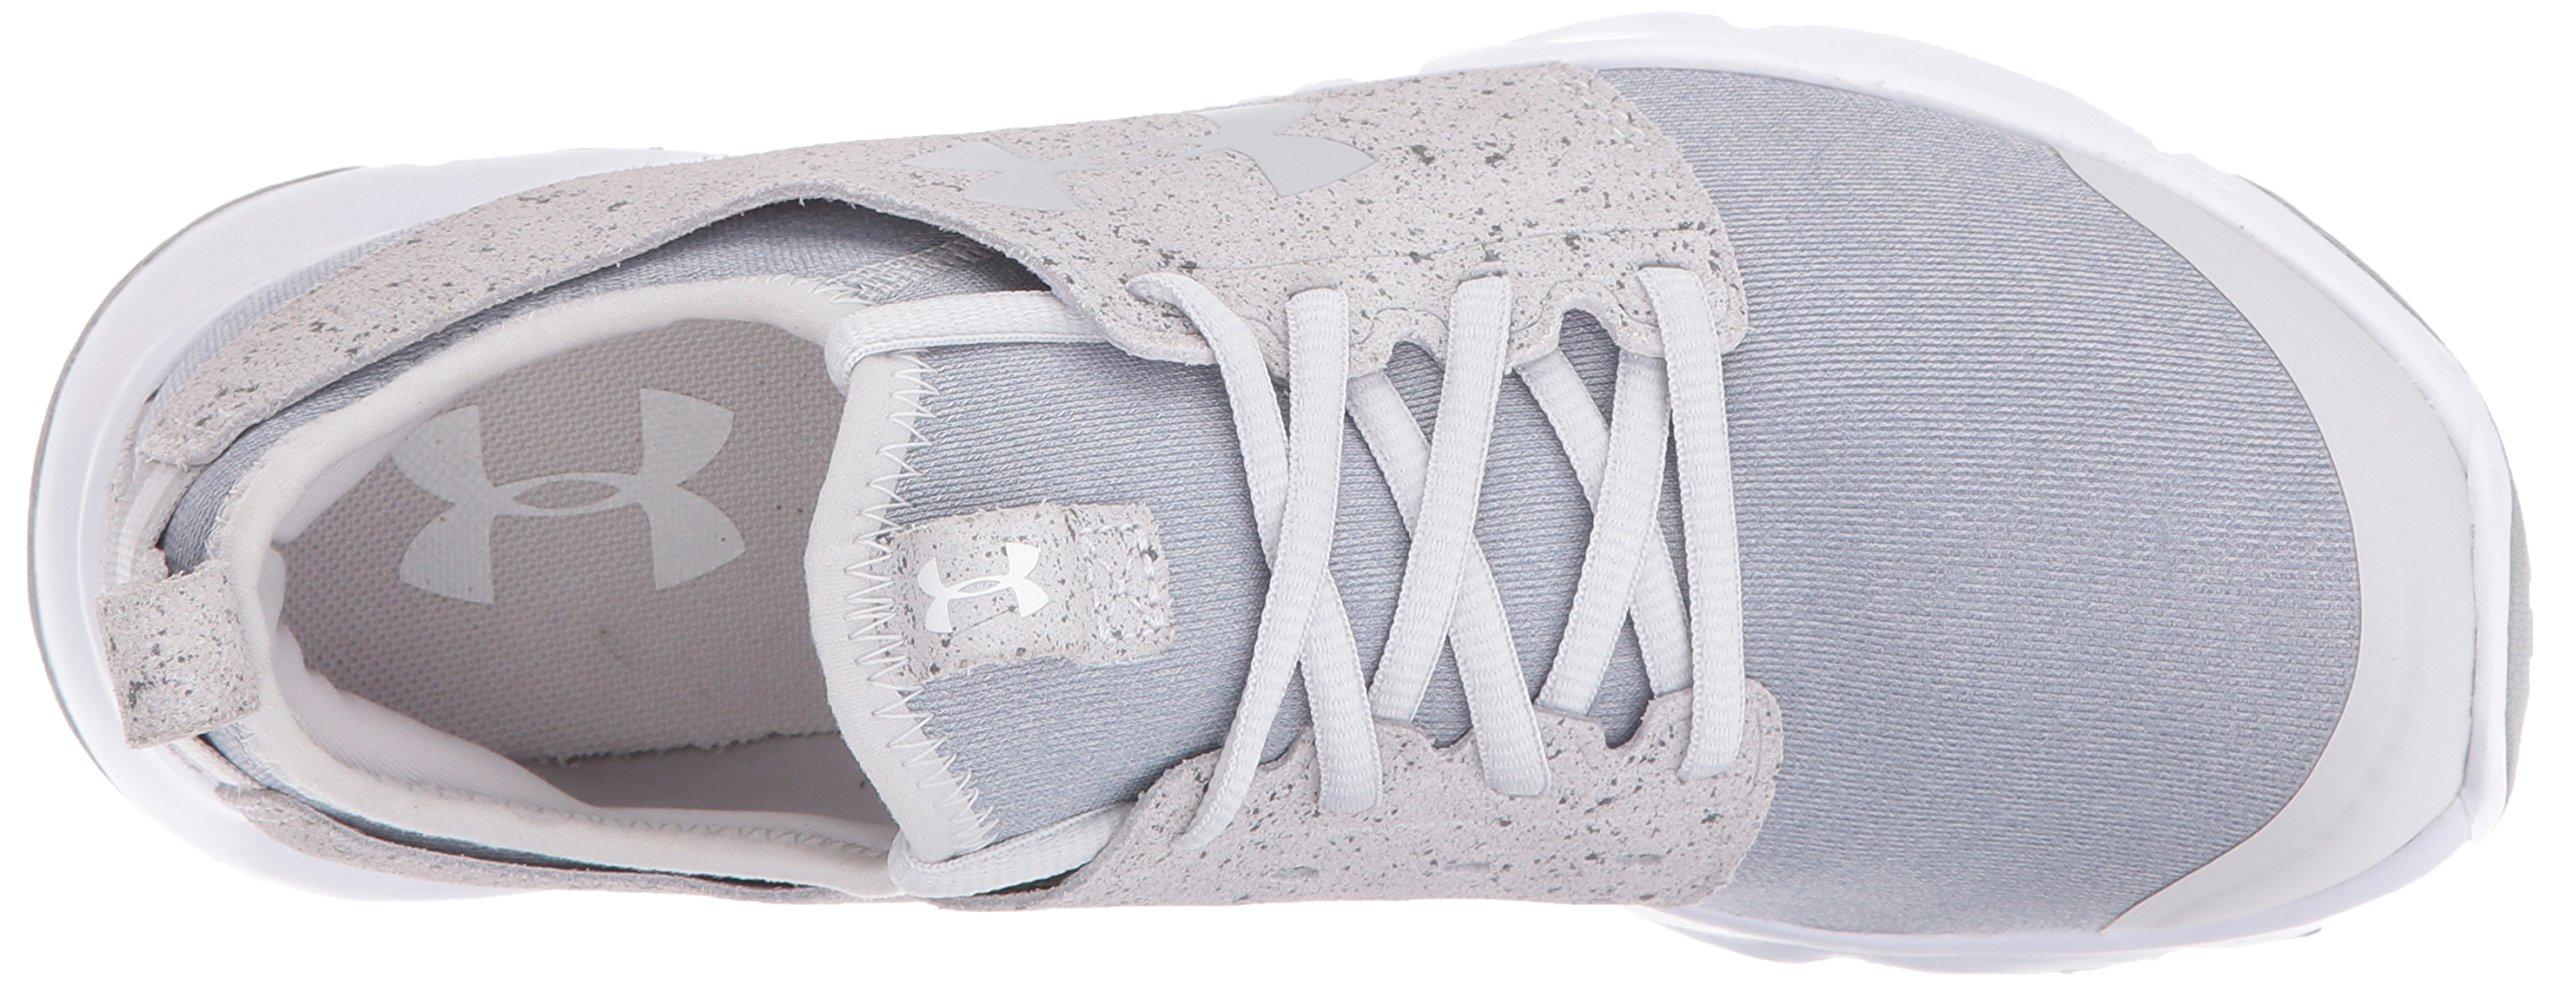 81rKLVHZPpL - Under Armour Women's Drift Mineral Running Shoes